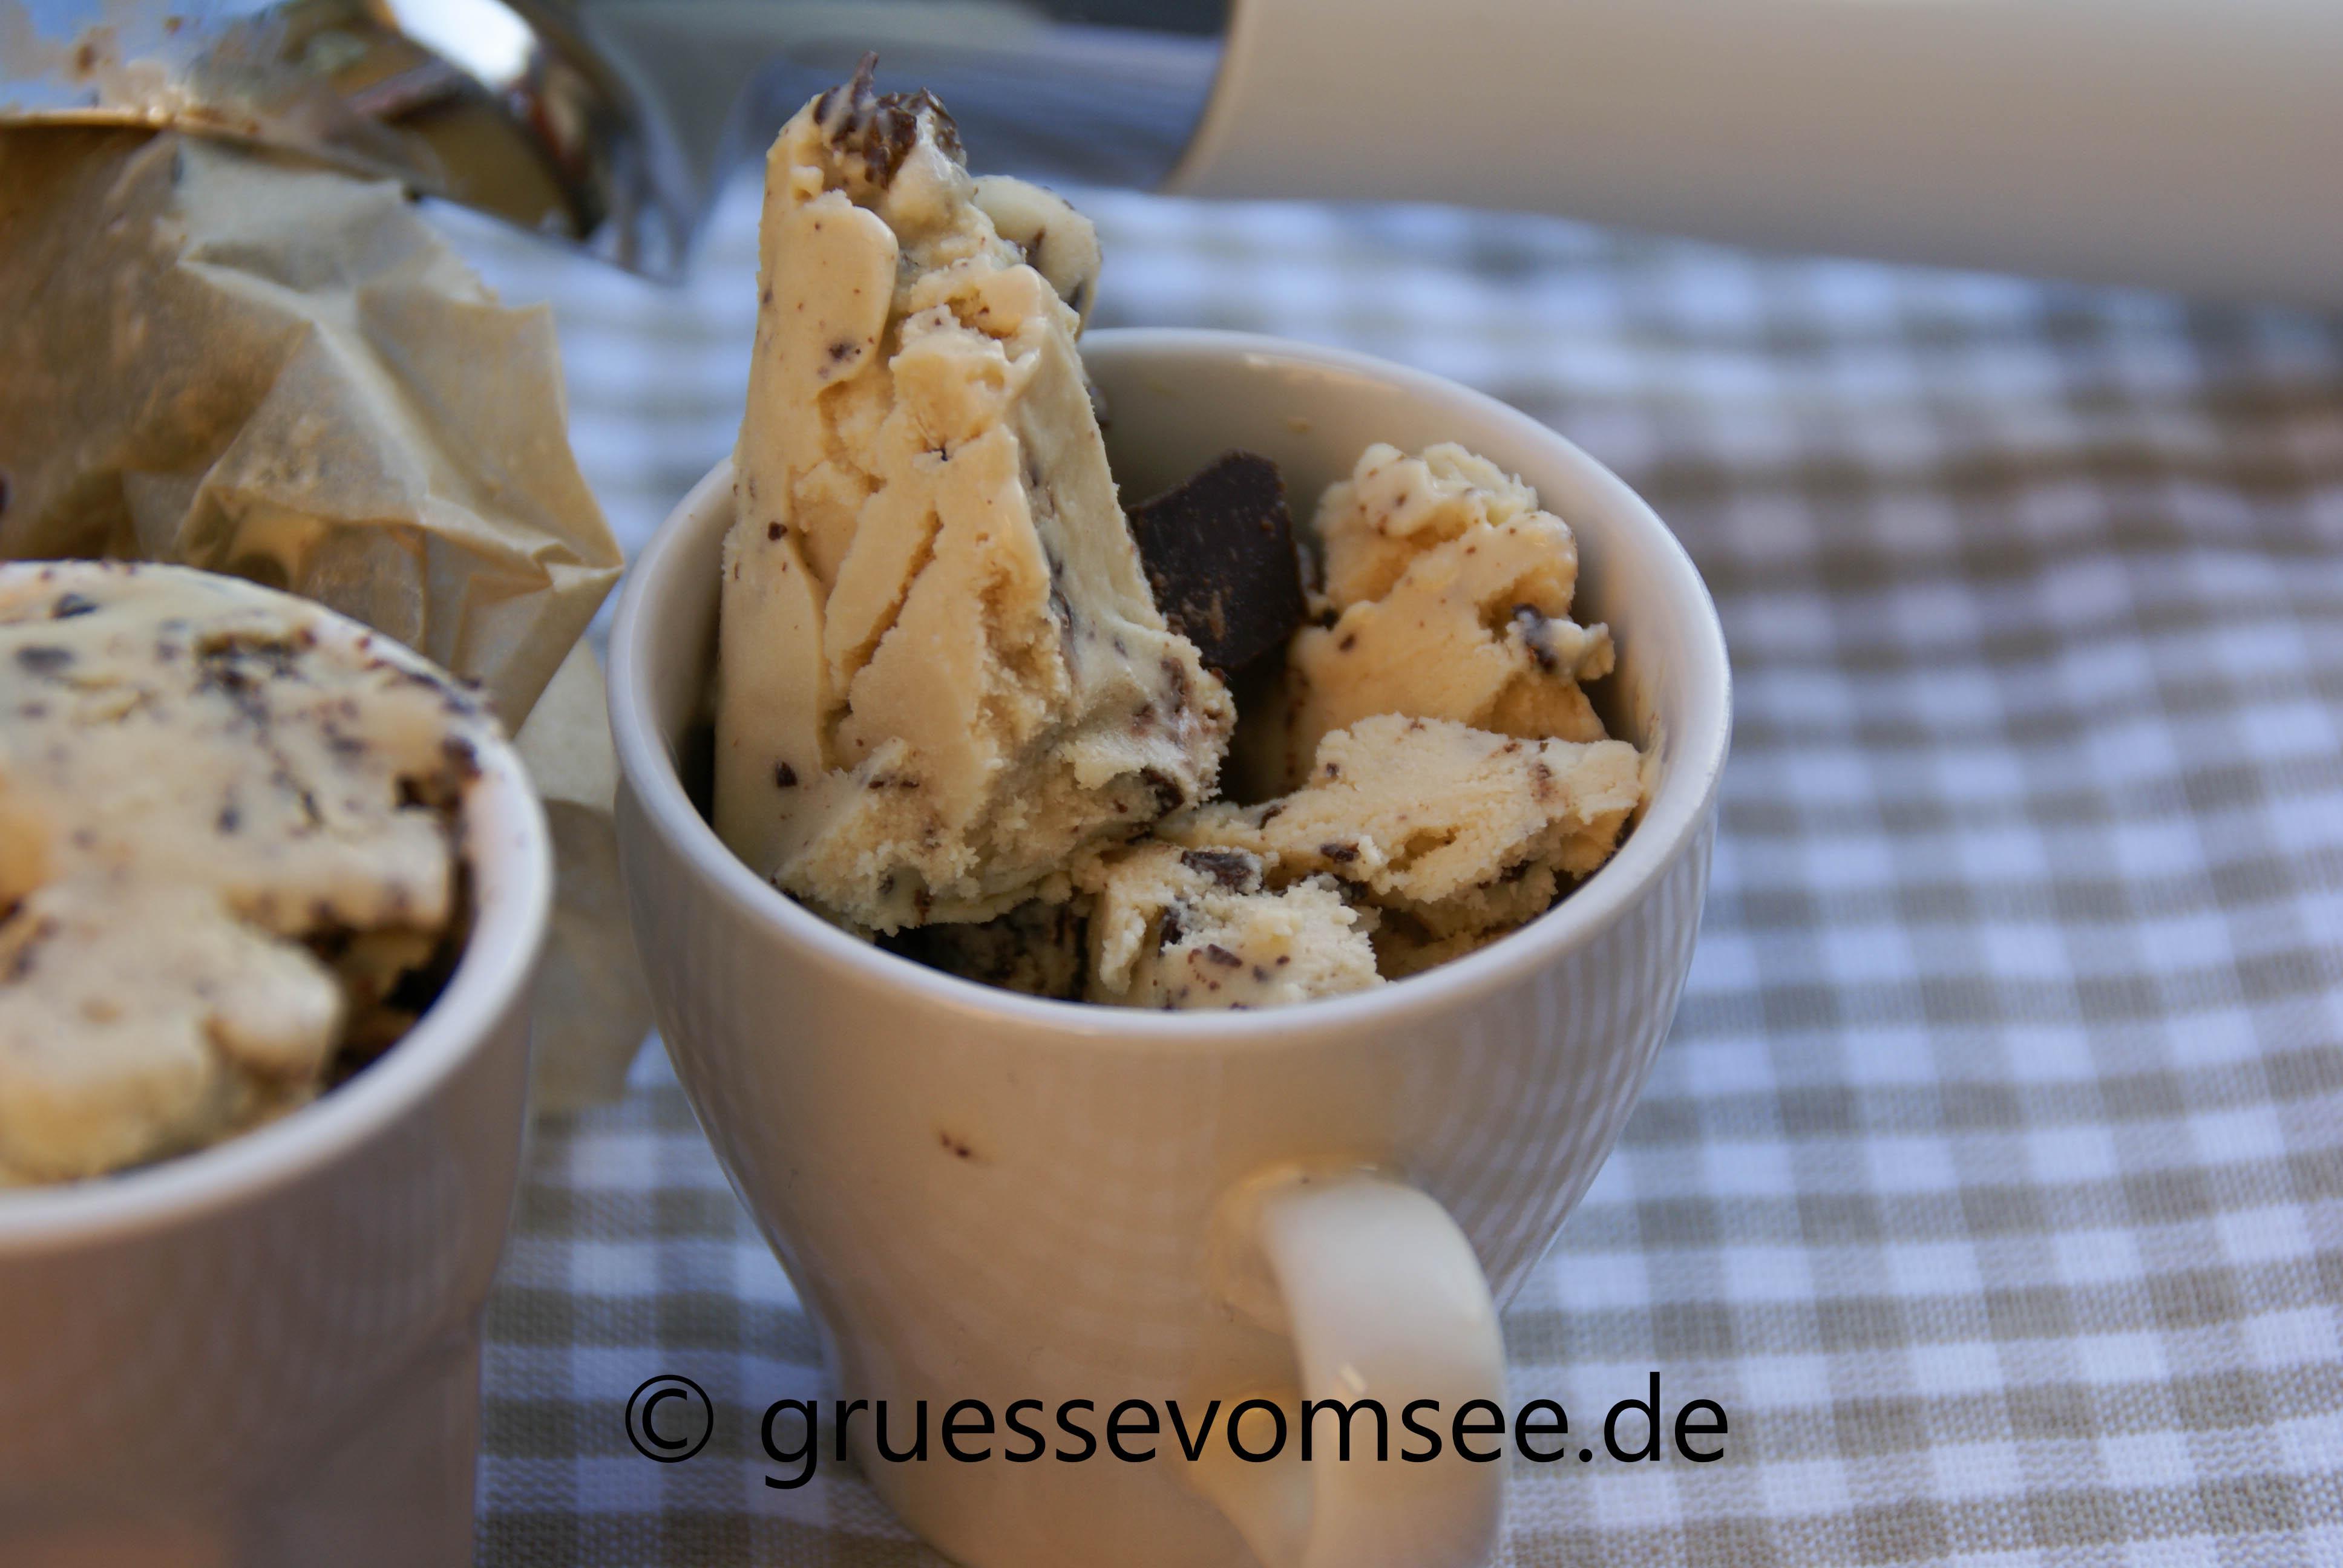 Eiscreme_Kaffee_Joghurt_Gruessevomsee